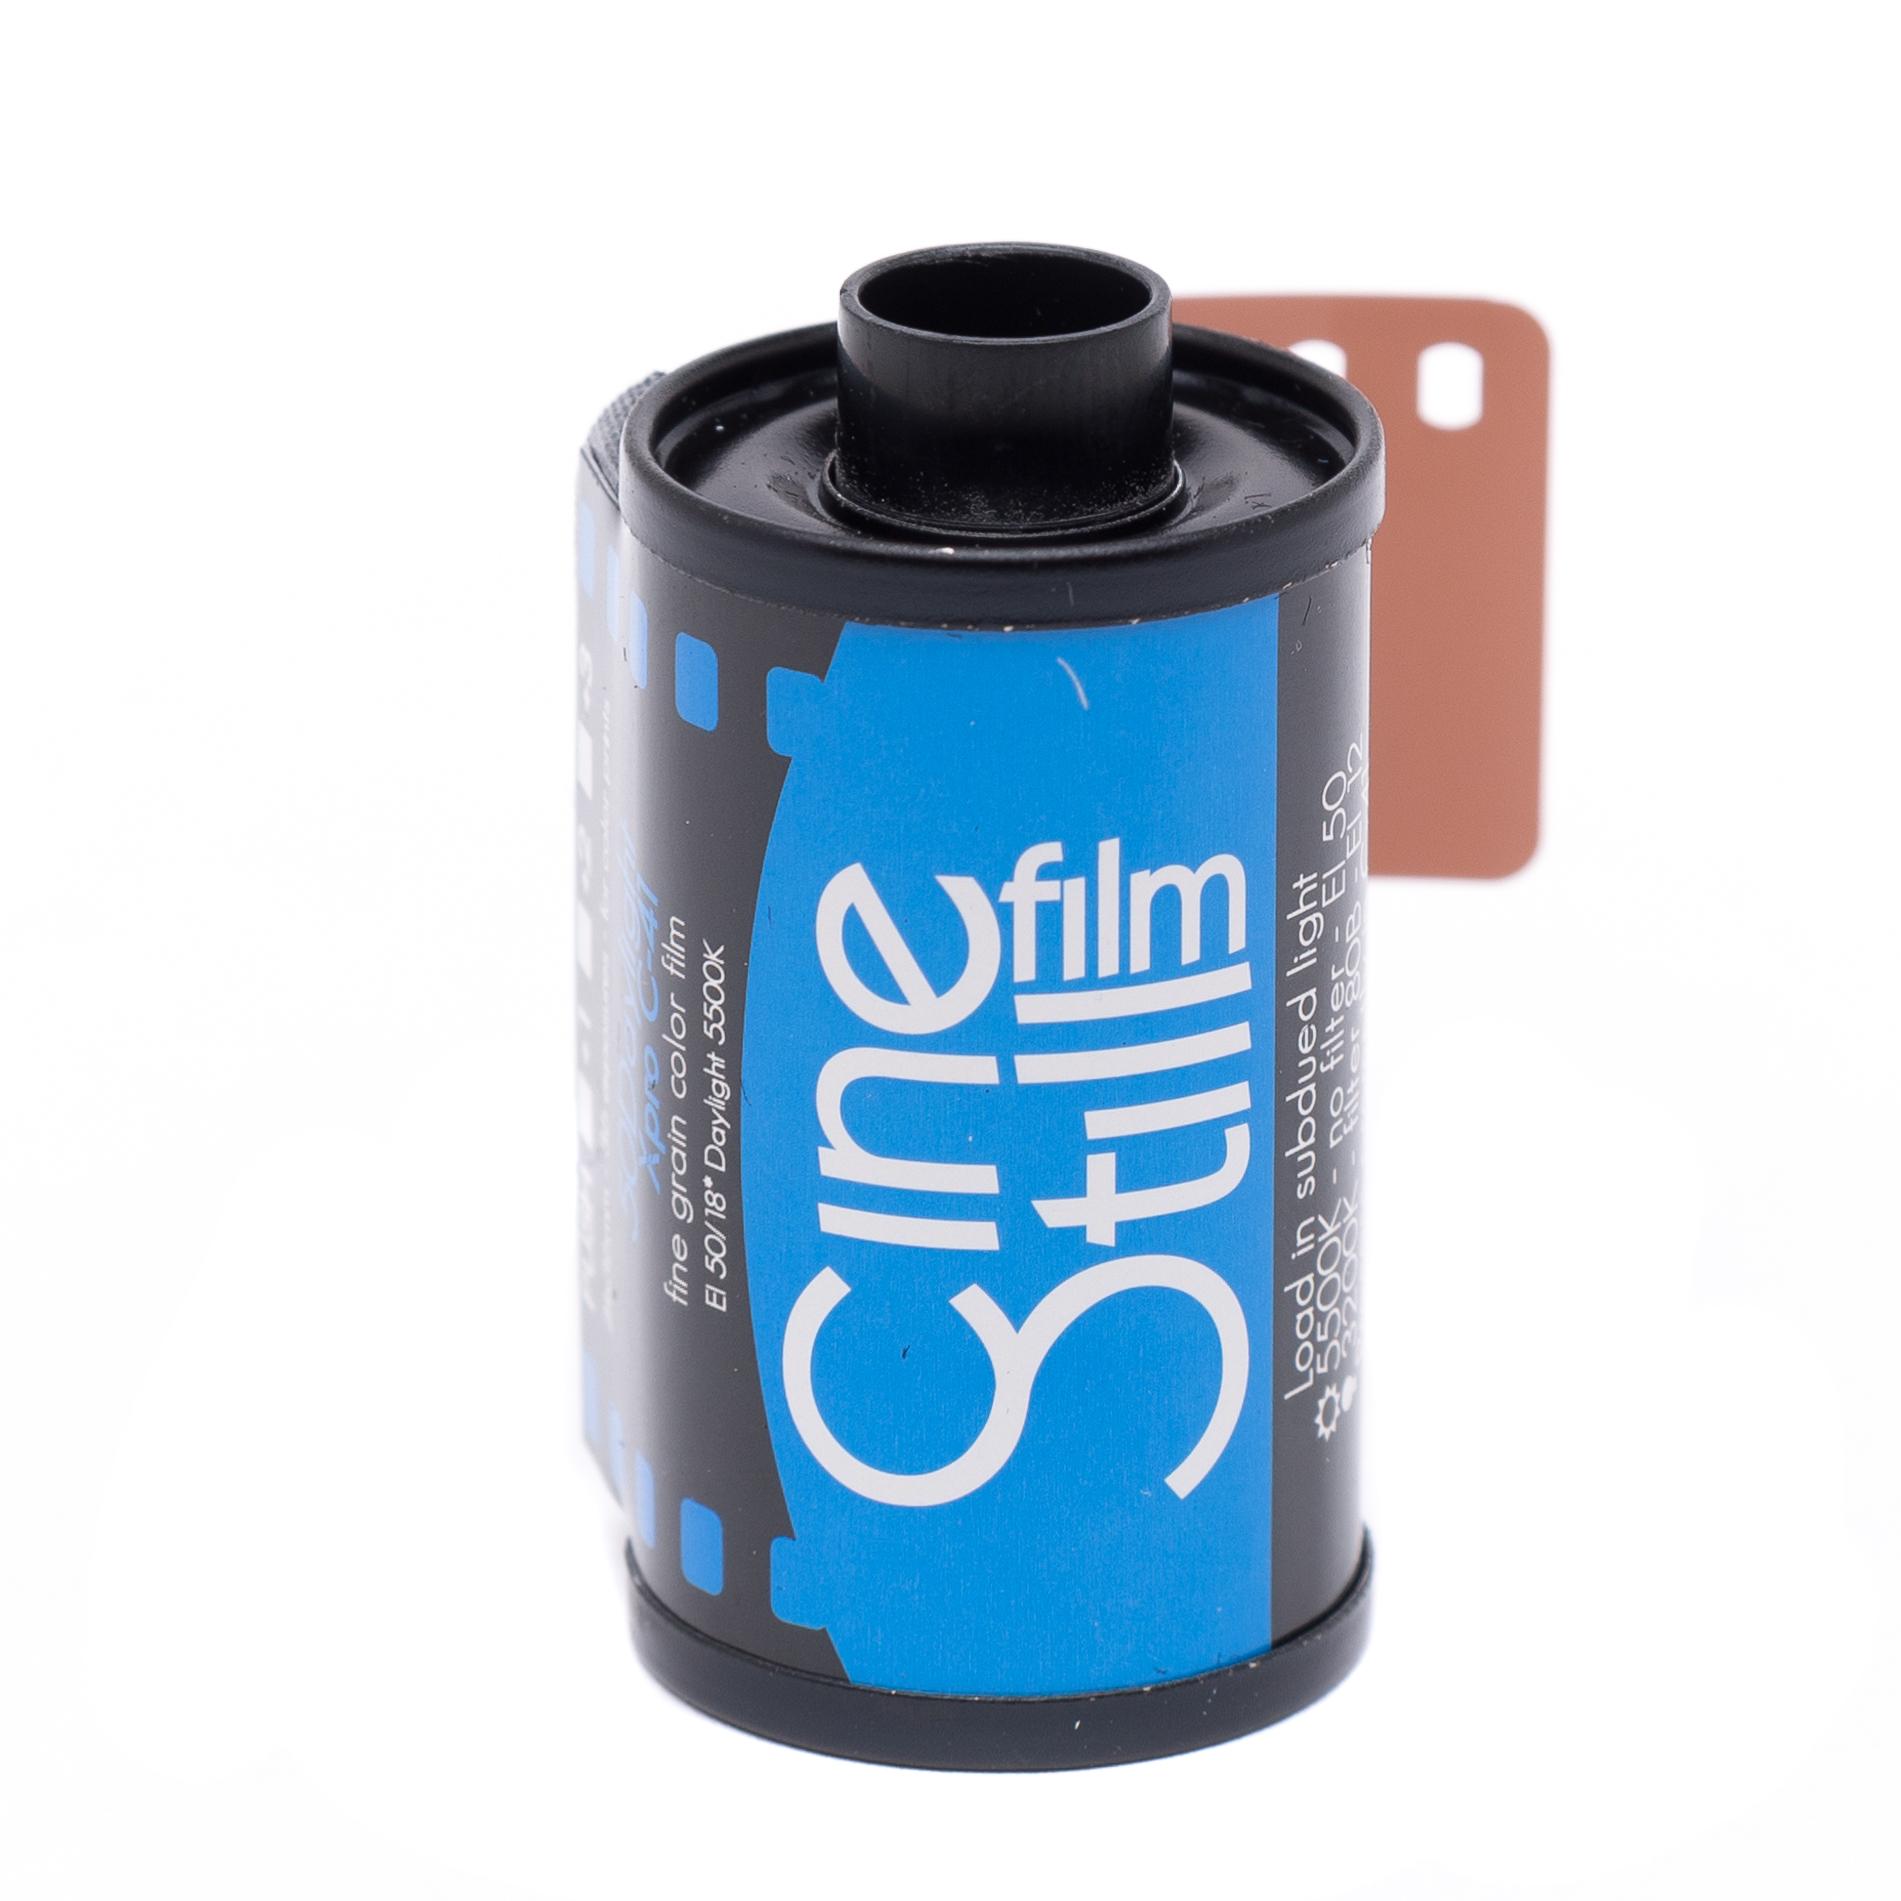 Фотопленка CINESTILLFILM CineStill Xpro C-41 Daylight 50